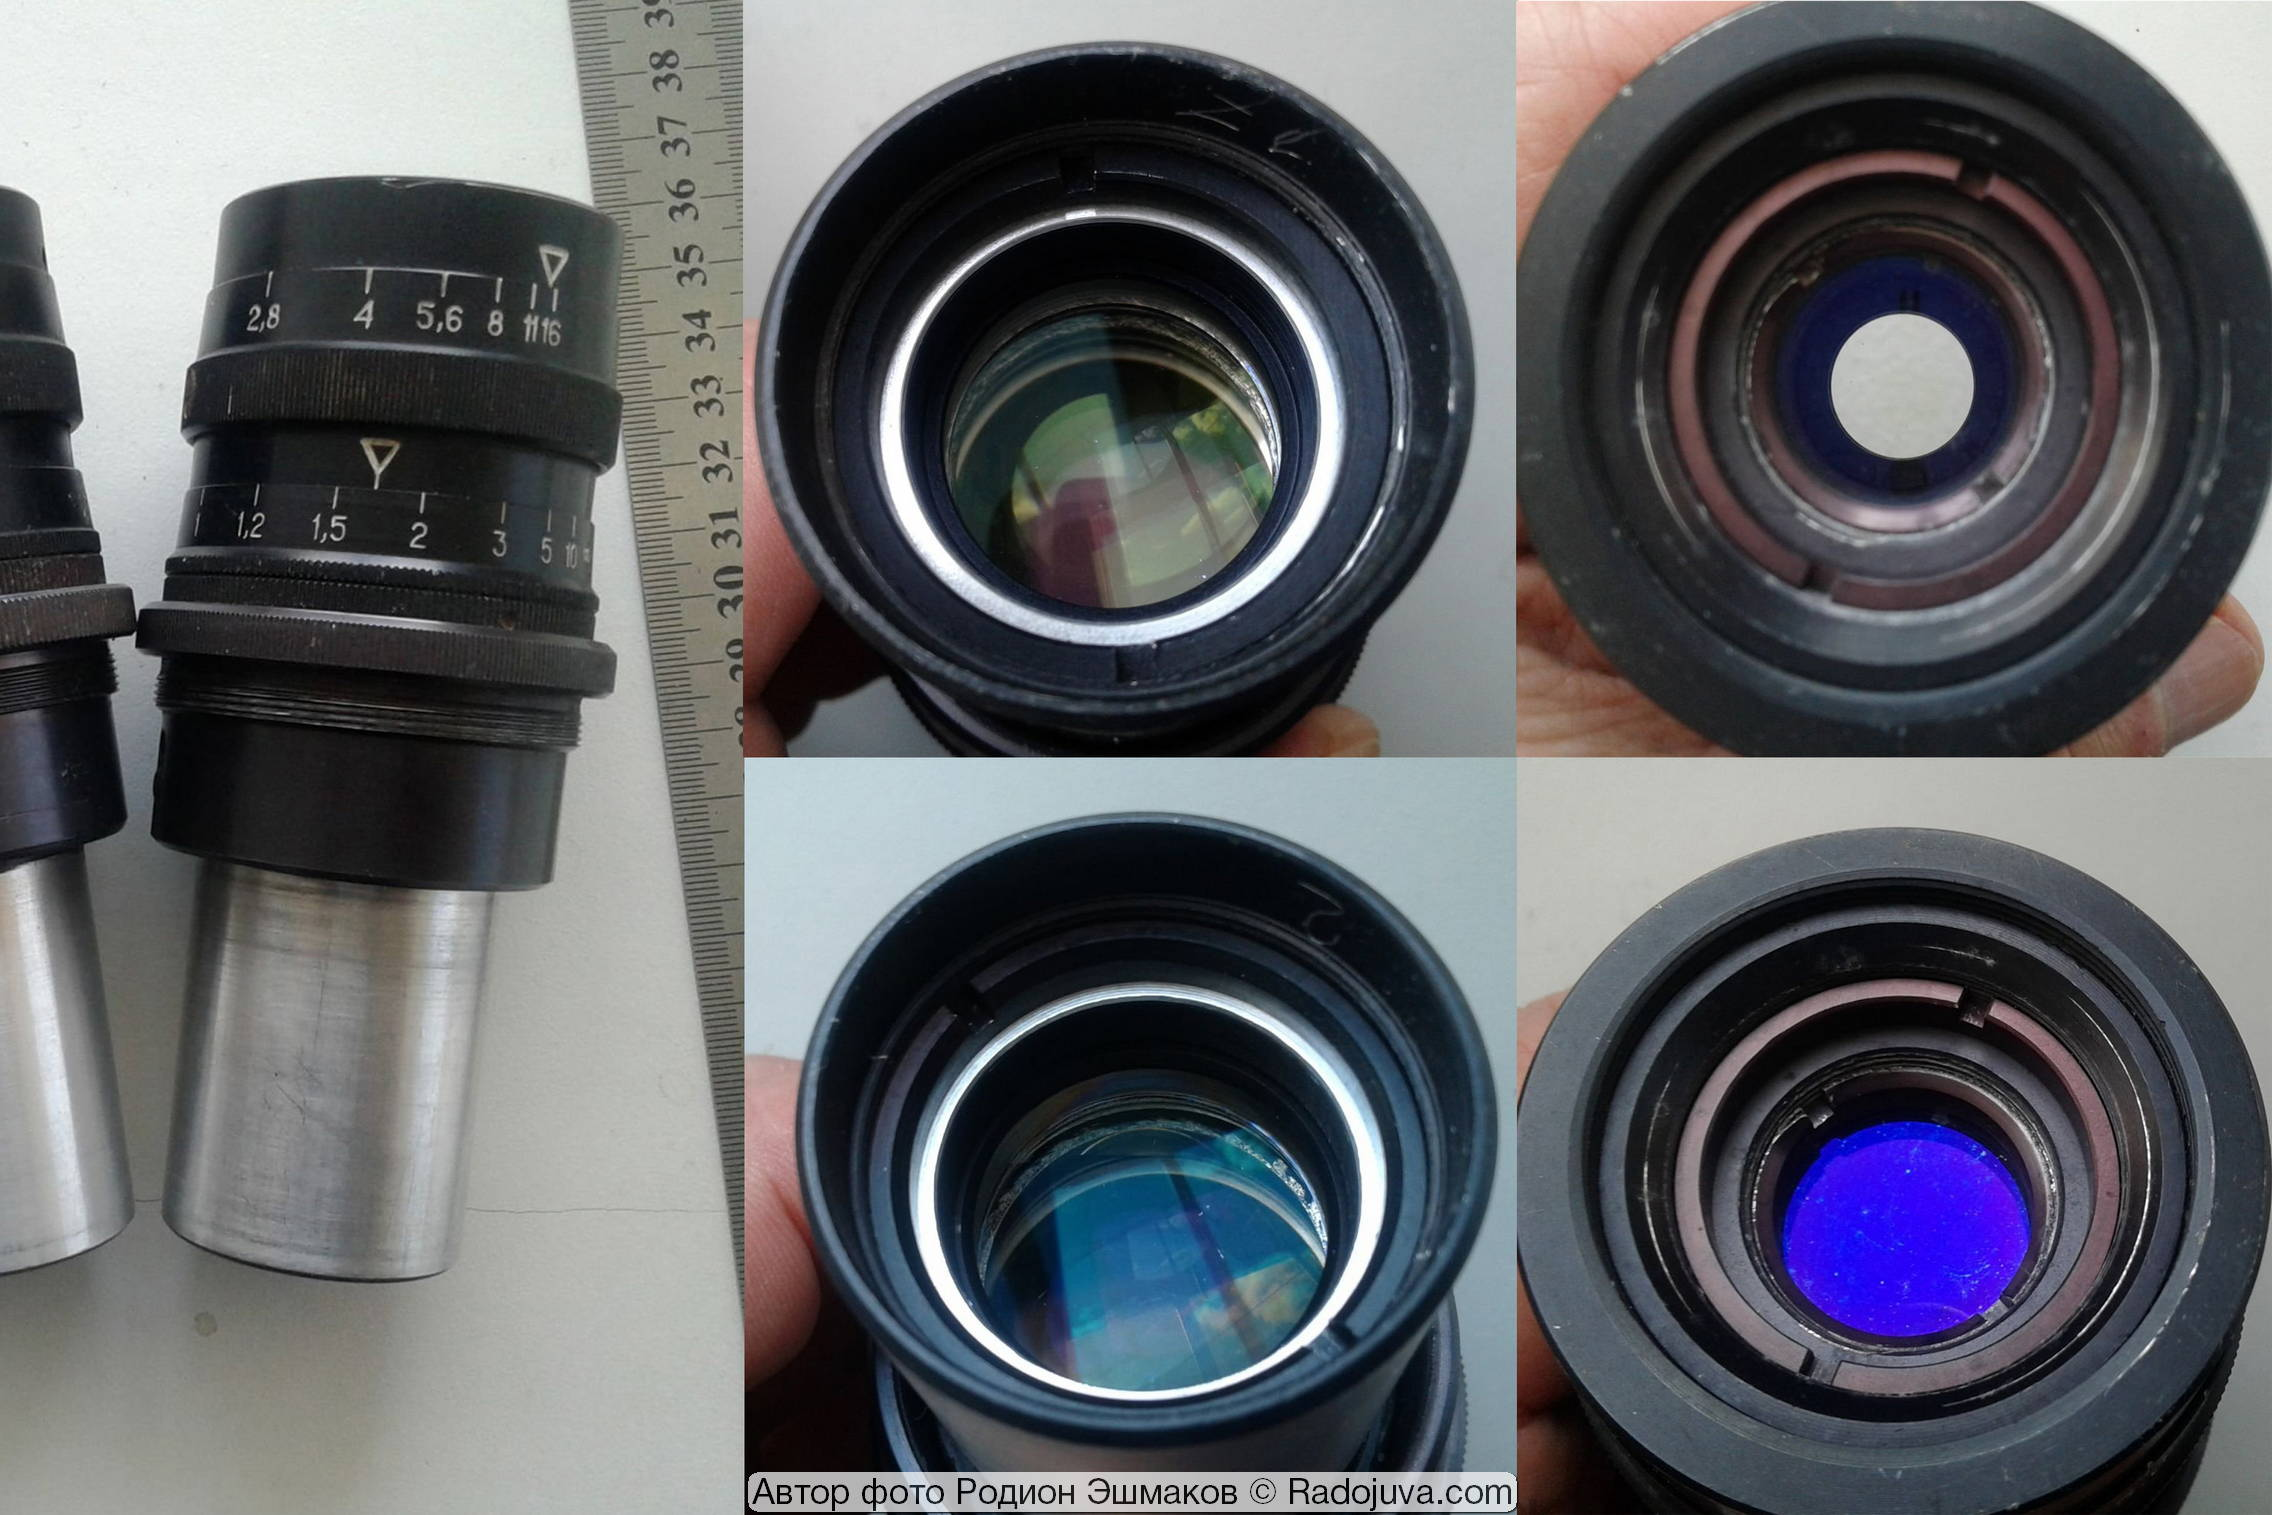 Фотографии объектива в заводском исполнении, взятые с известного в СНГ аукциона.